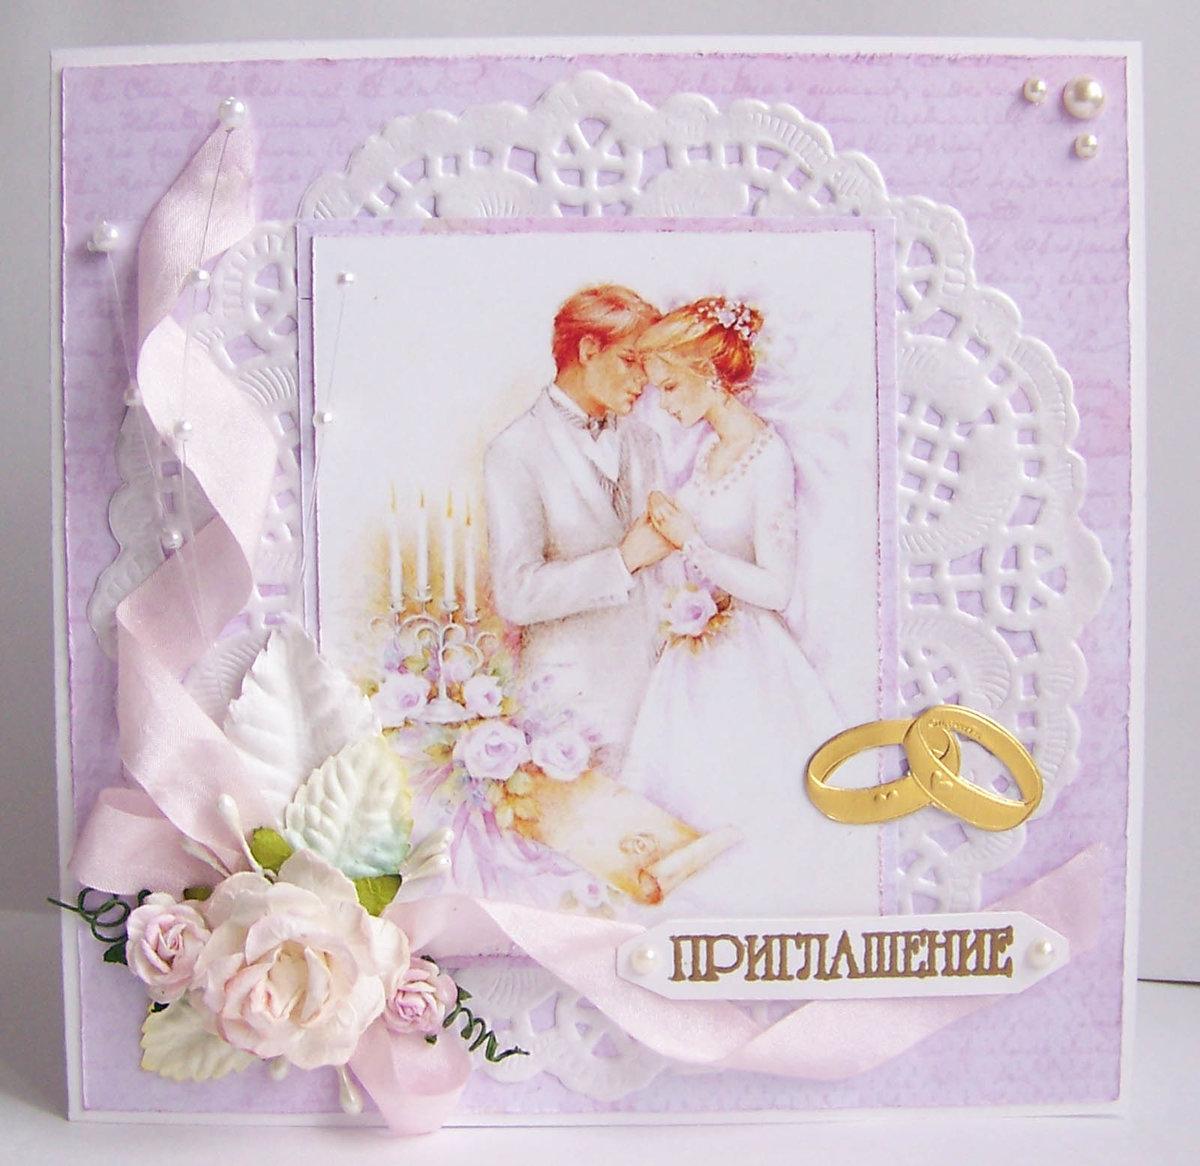 Открытка со свадьбой скрап, сентября картинка